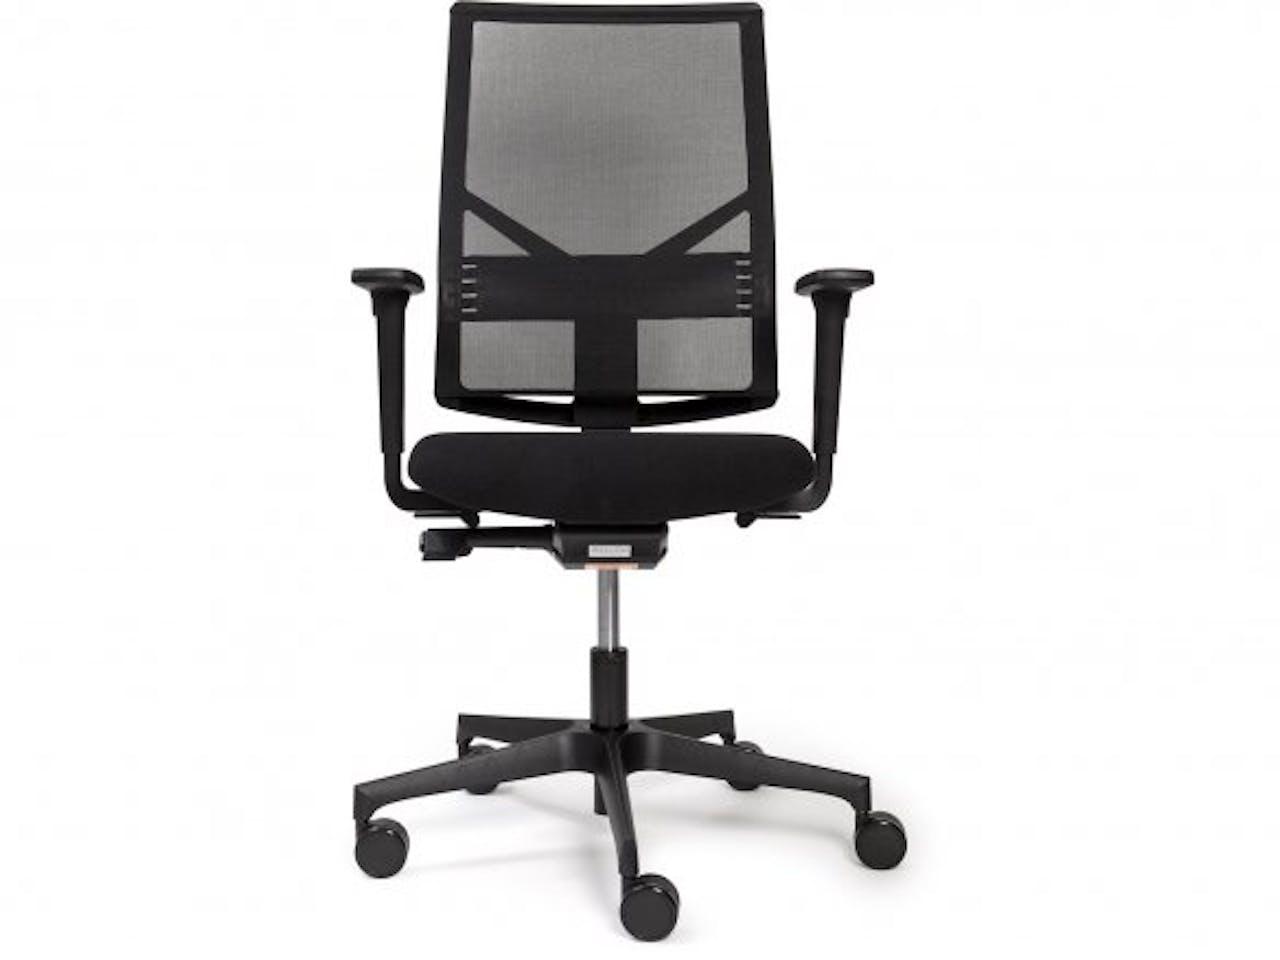 Modulor Bürostuhl mit Netzrücken, 430-560, 475x440x600mm, harte Ro., 2D Armlehnen